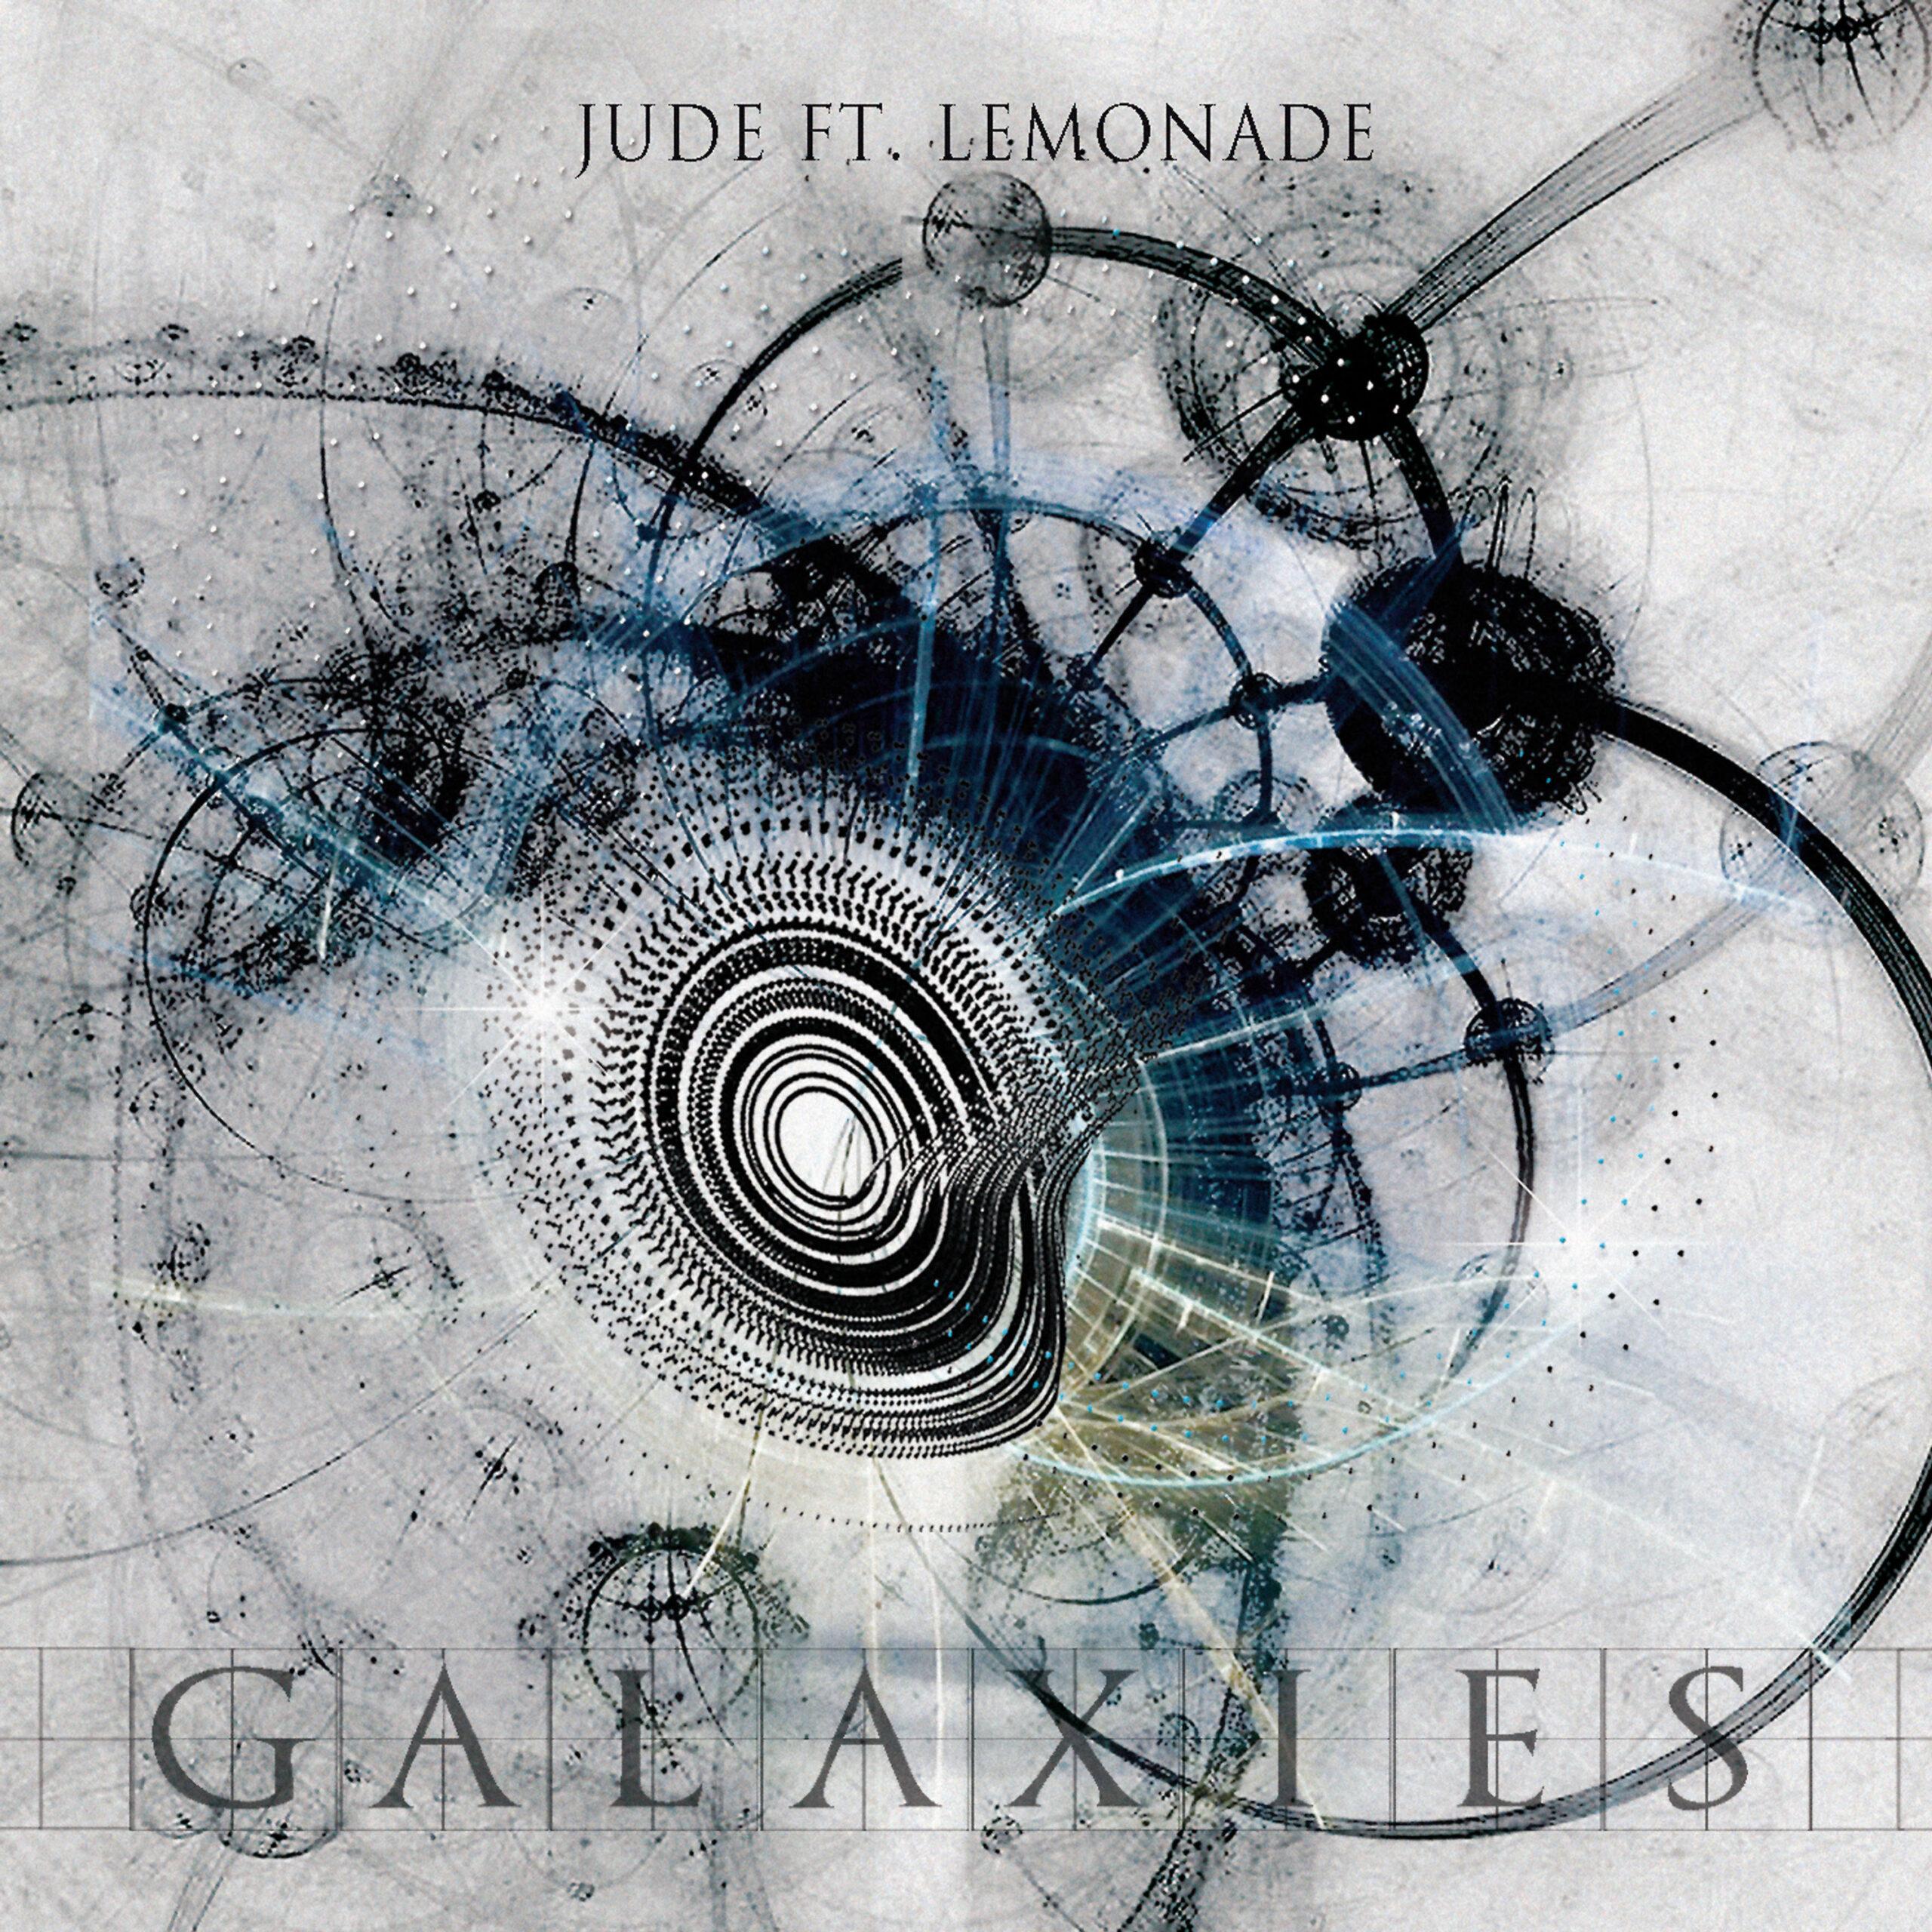 """""""Galaxies"""" è il nuovo album di Jude feat Lemonade, dall'8 gennaio su tutte le piattaforme digitali"""